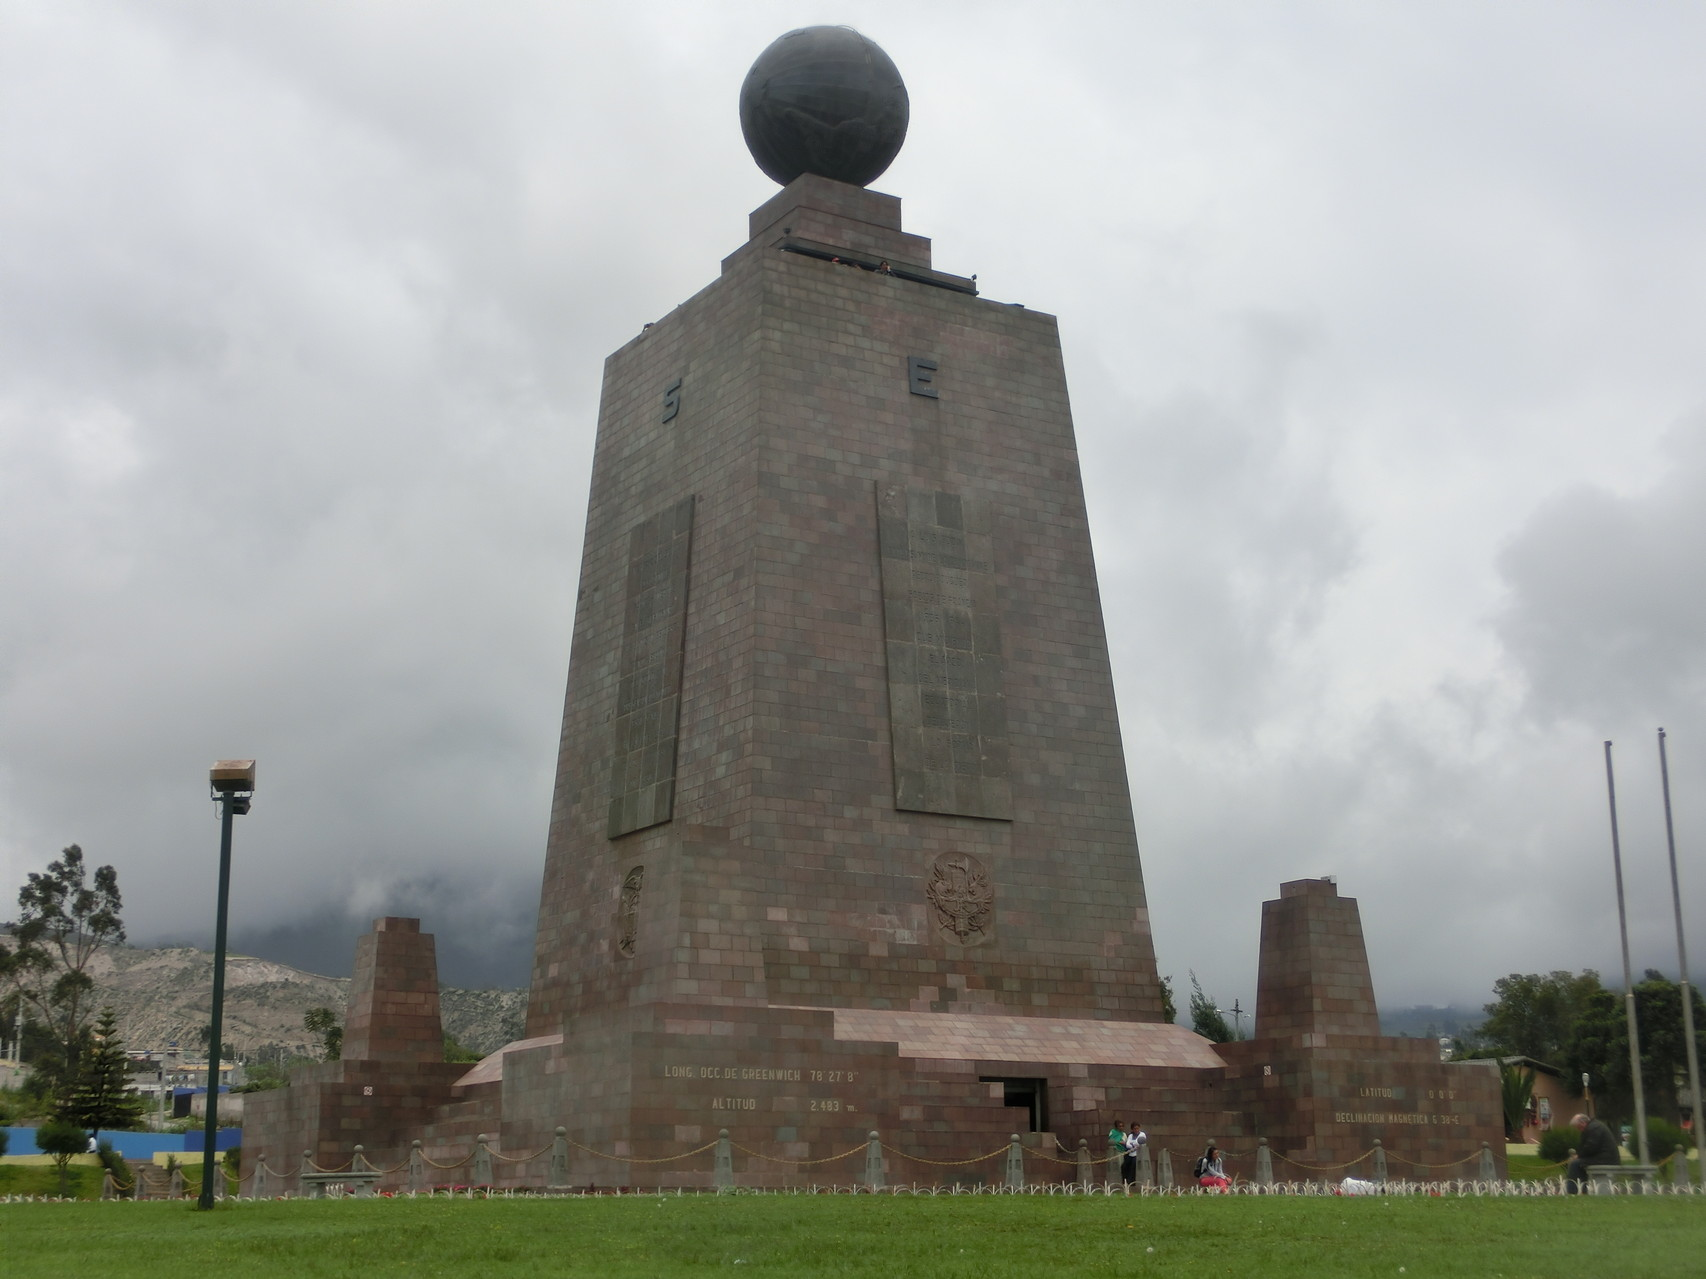 Das Monument, das u.a. auch ein Museum beinhaltet